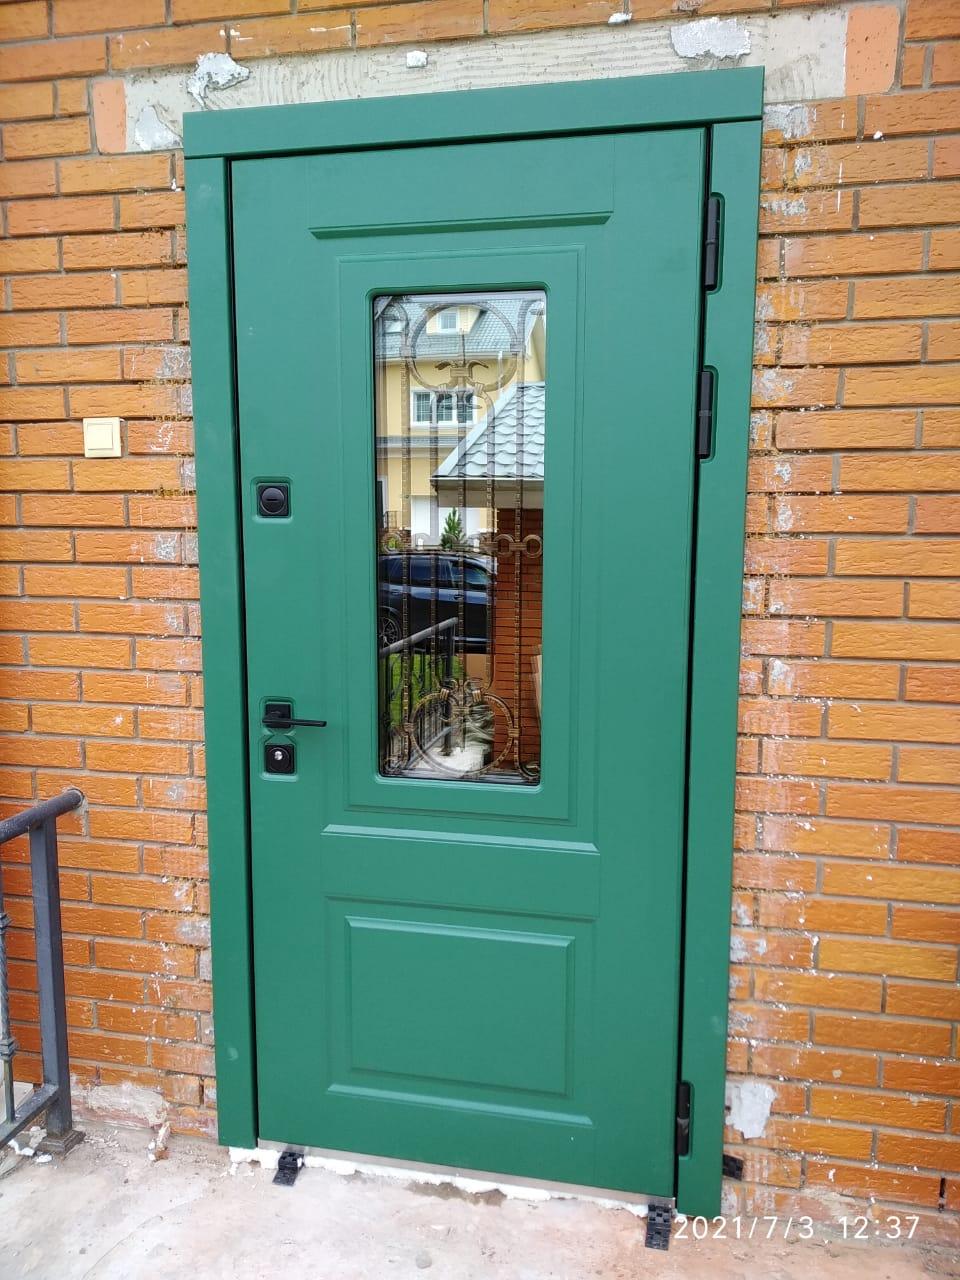 входная уличная дверь с терморазрывом стальная линия зелёная эмаль трёхкамерный стеклопакет художественная ковка чёрная квадратная фурнитура для входных дверей